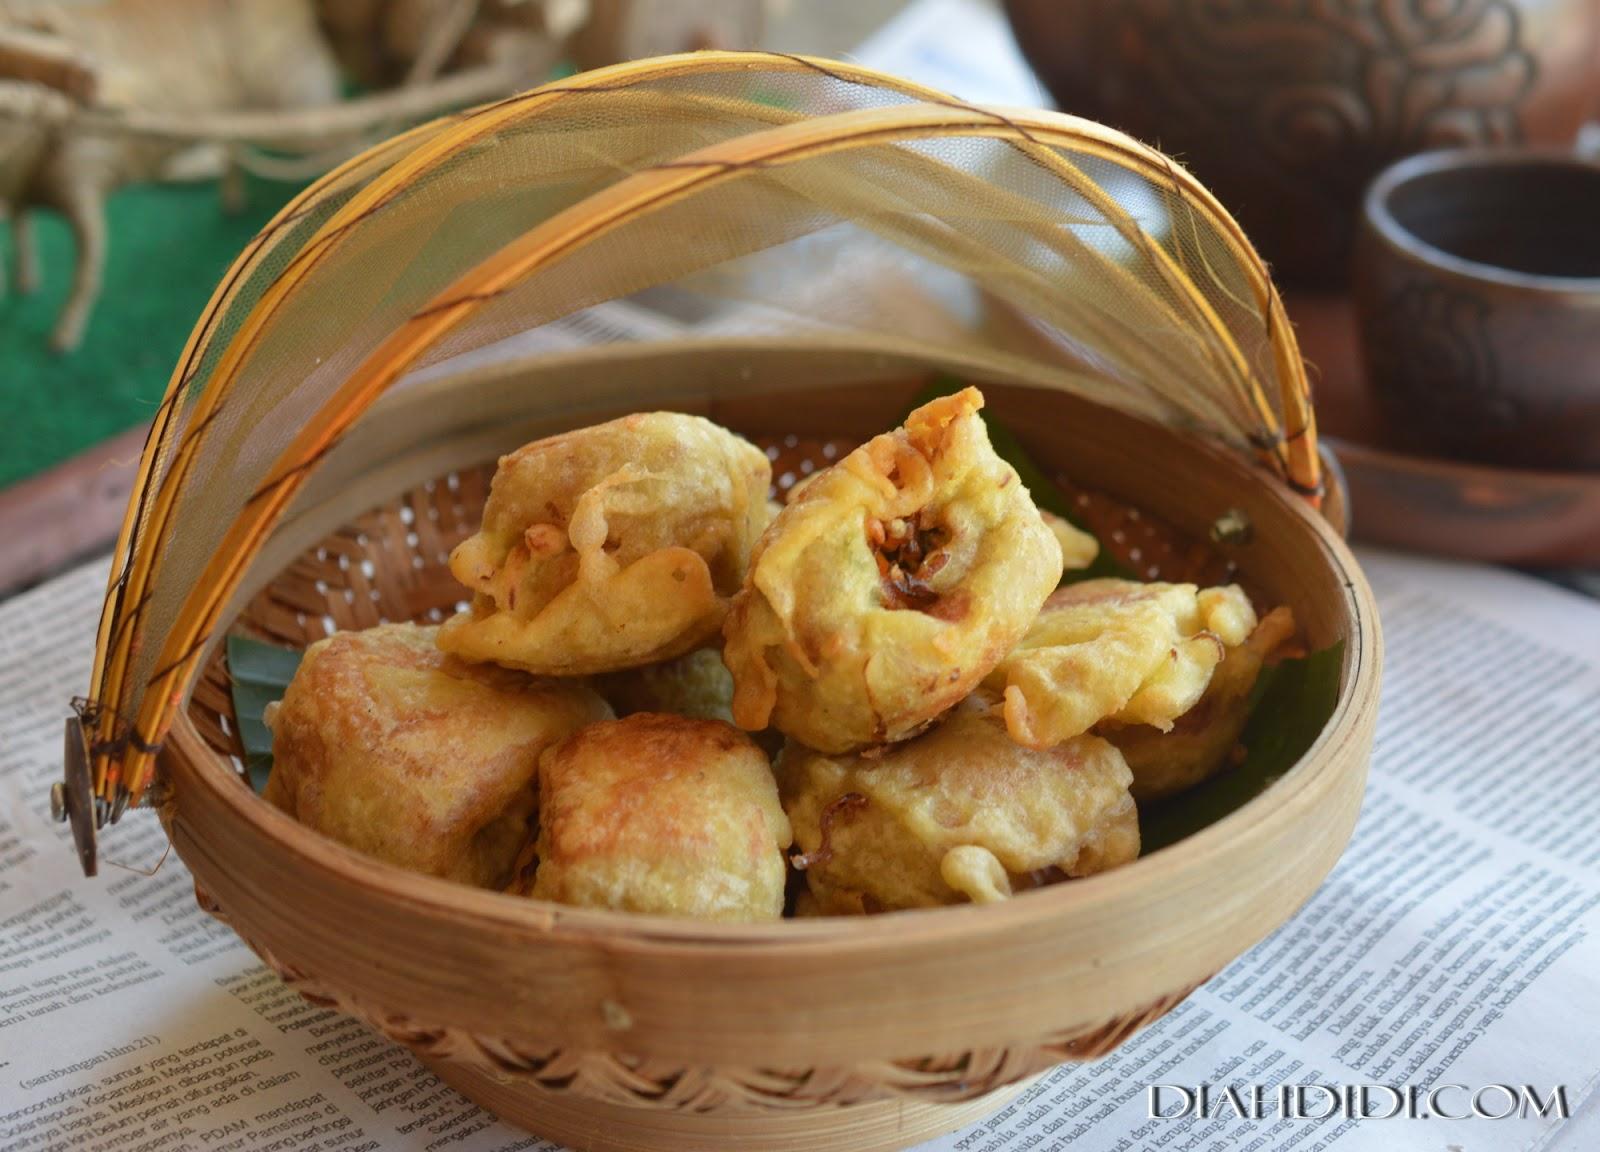 Resep Cake Pisang Diah Didi: Diah Didi's Kitchen: Tahu Isi Sayuran Ekonomis